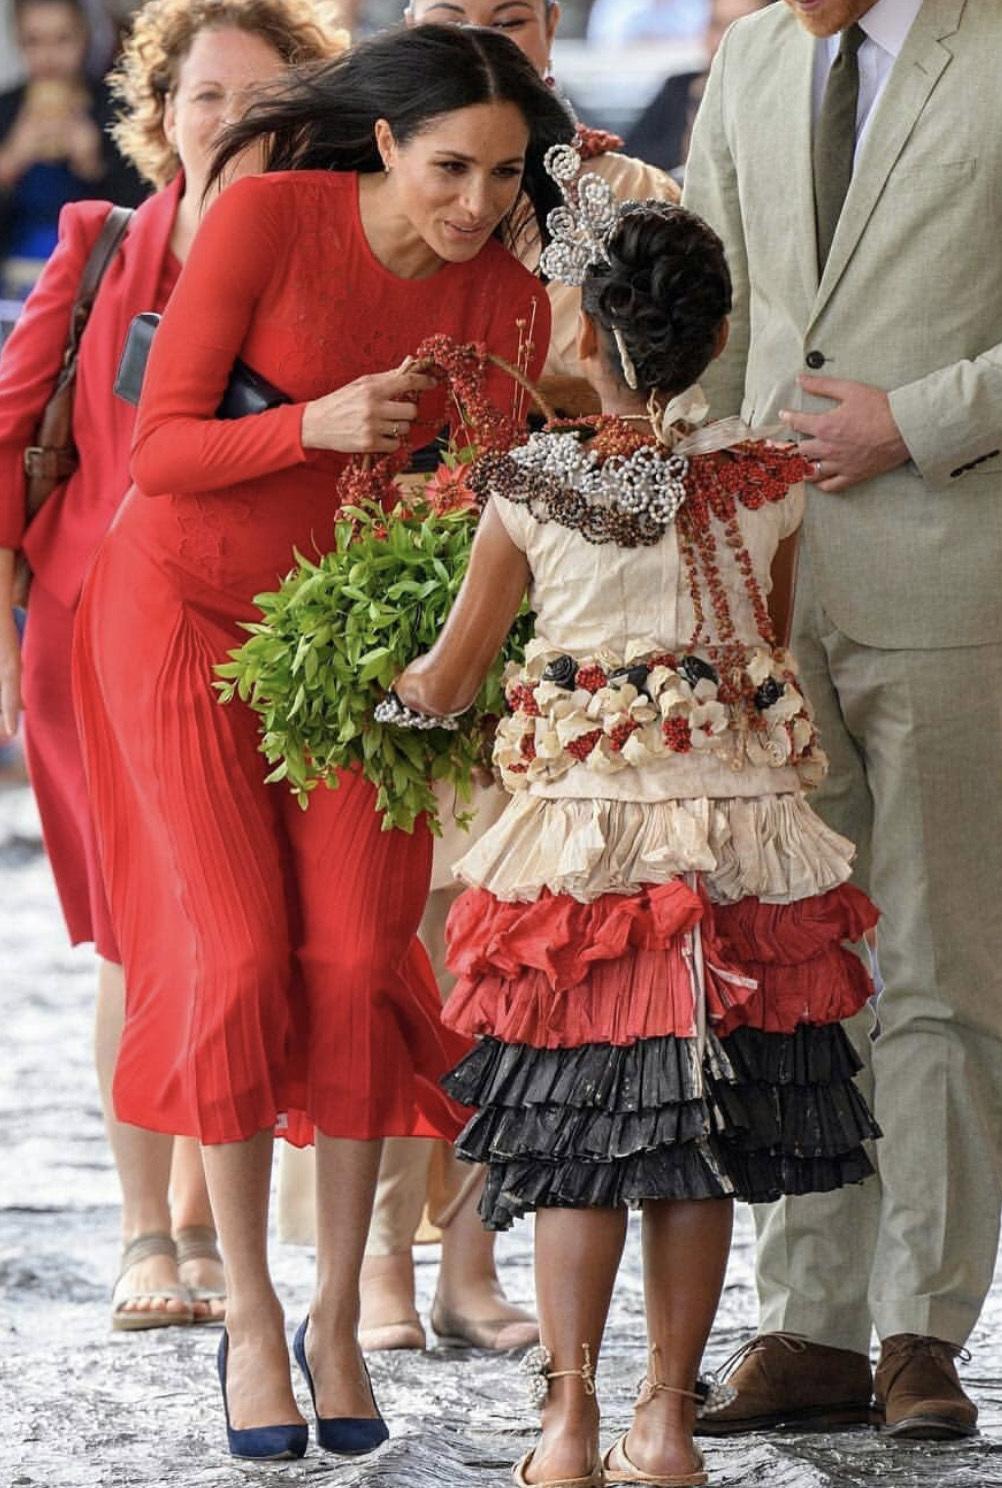 梅根越来越高调!嫁入皇室后首次穿正红色,却被没剪的吊牌抢了镜